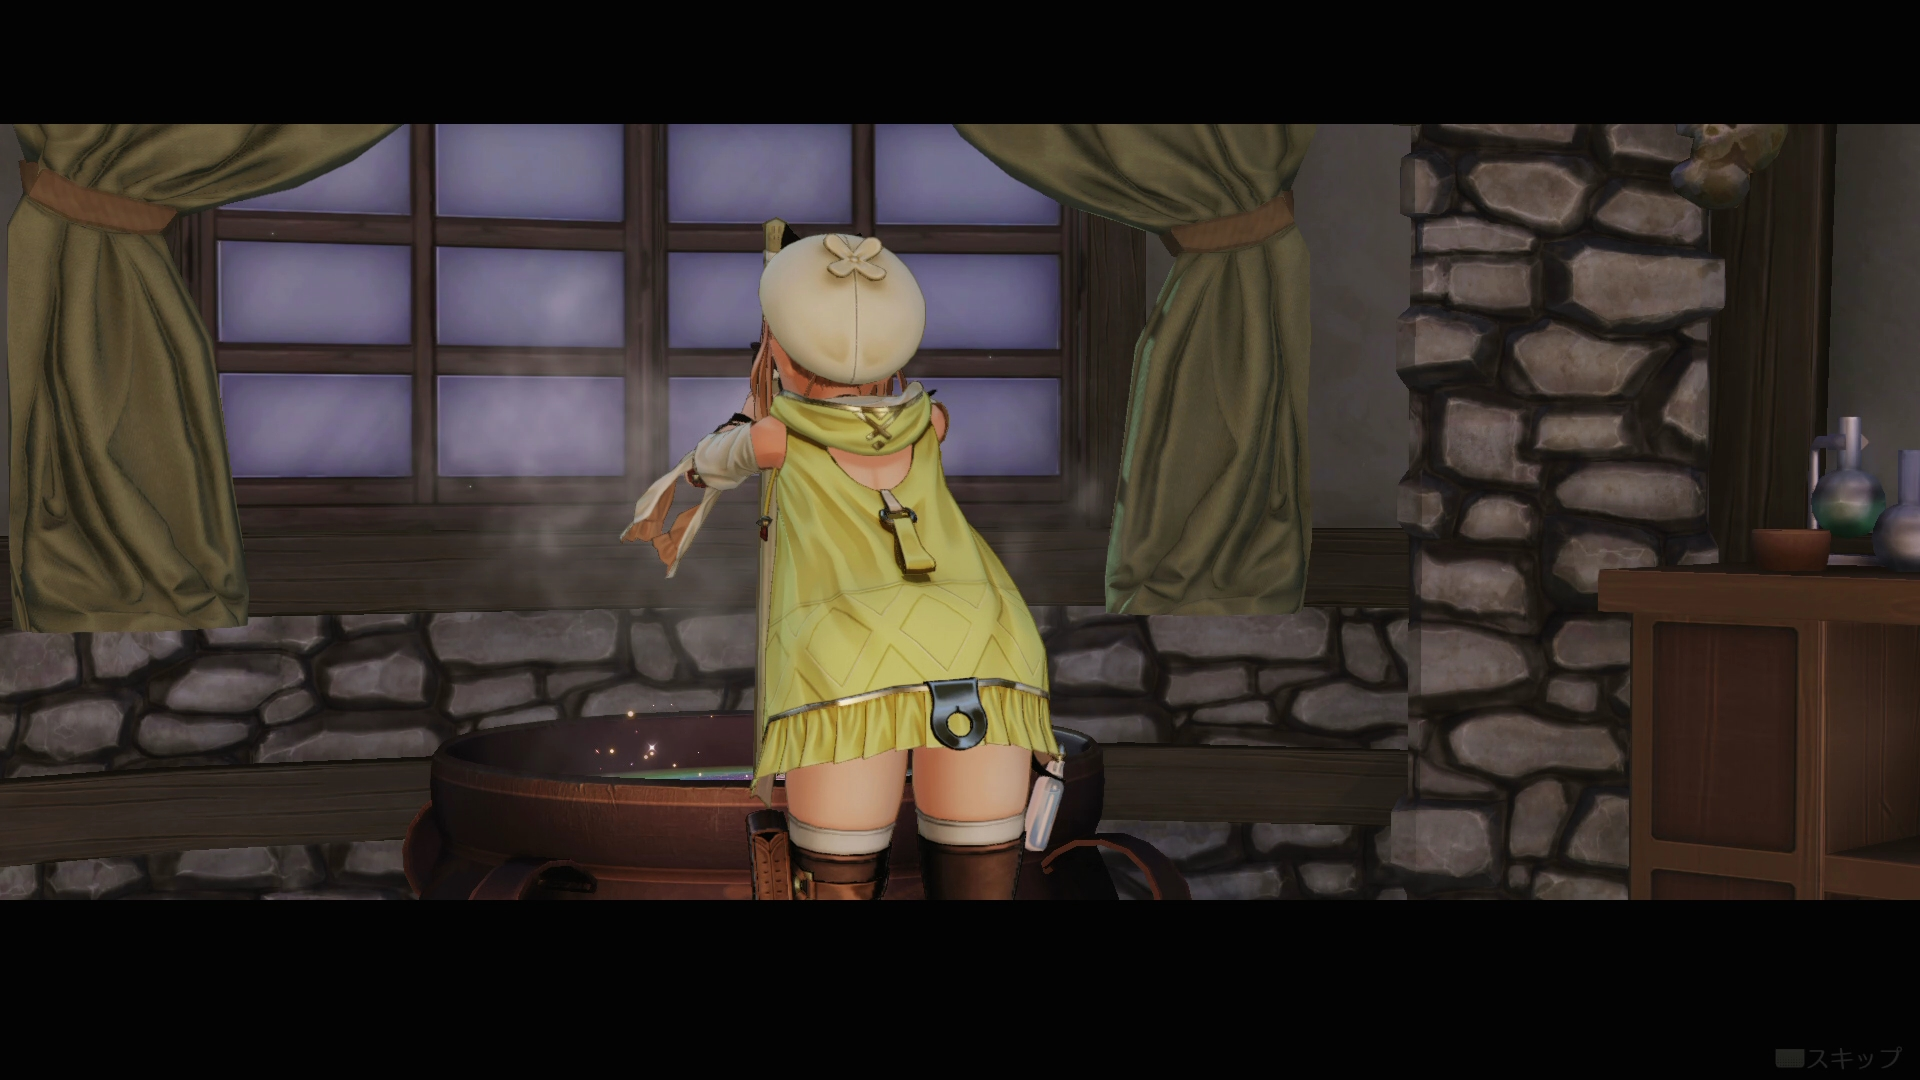 の 感想 ライザ アトリエ 【ネタバレなし】ライザのアトリエ2 完走した感想:ジールのブロマガ